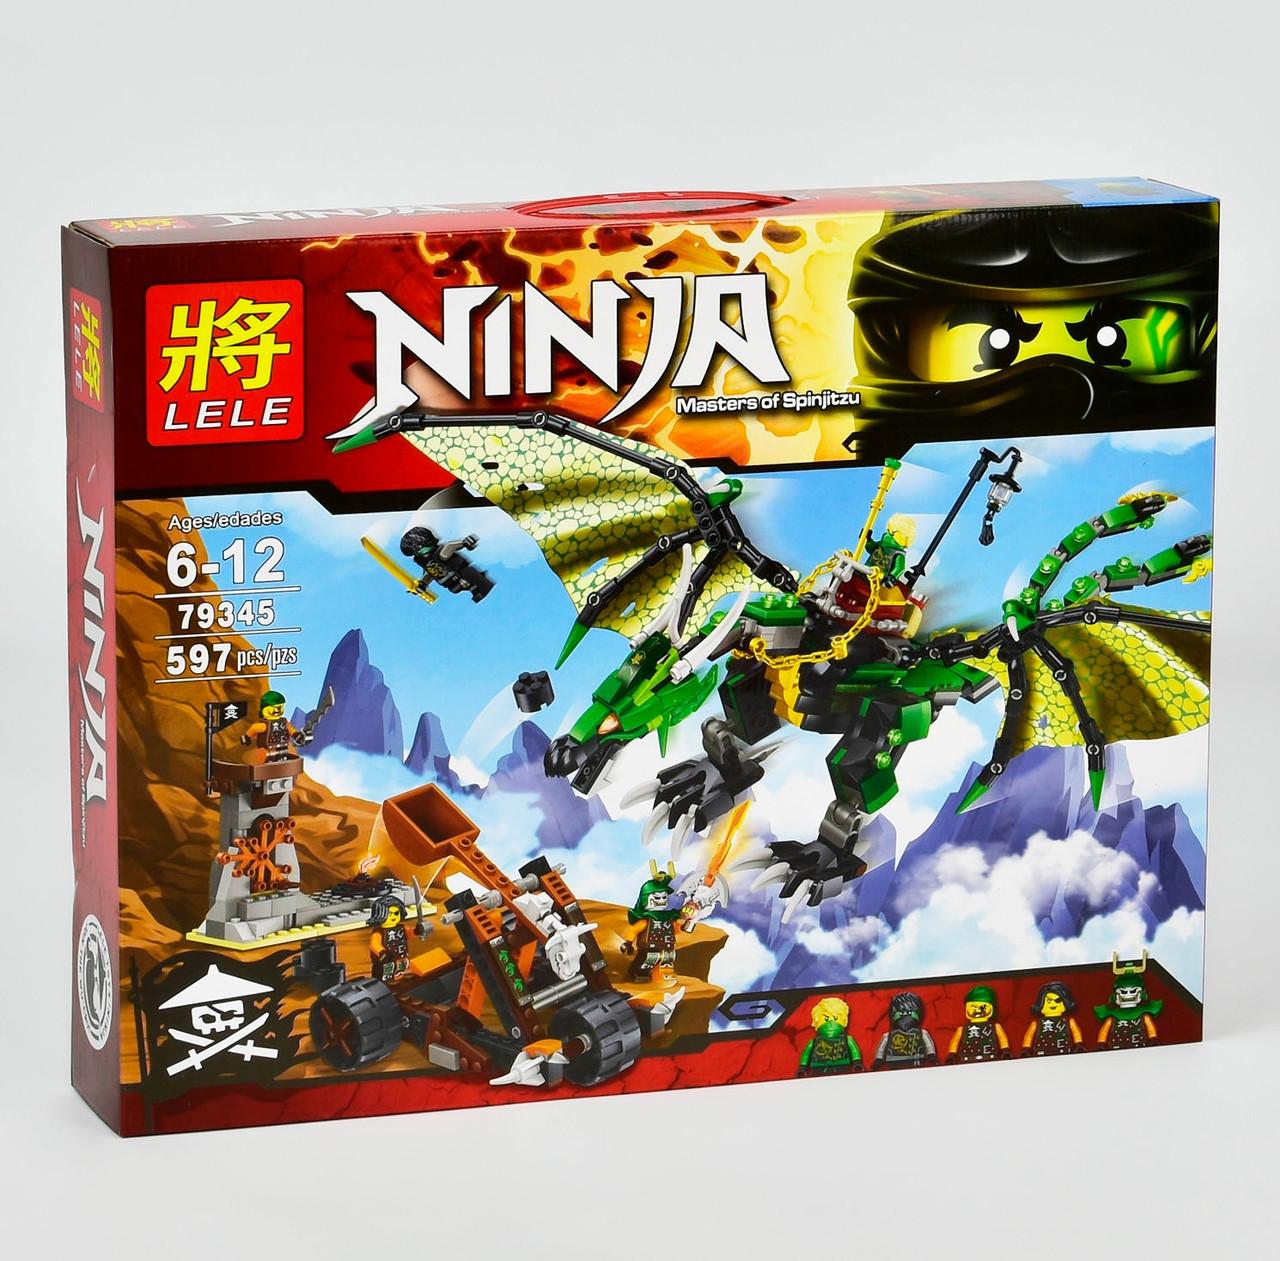 ÐонÑÑÑÑкÑÐ¾Ñ Ninja Ð½Ð¸Ð½Ð´Ð·Ñ ÐелÑнÑй ÑнеÑджи дÑакон Ðойда 597 деÑалей - Ðагазин деÑÑÐºÐ¸Ñ Ð¸Ð³ÑÑÑек kidstoys3-16 в ХаÑÑкове